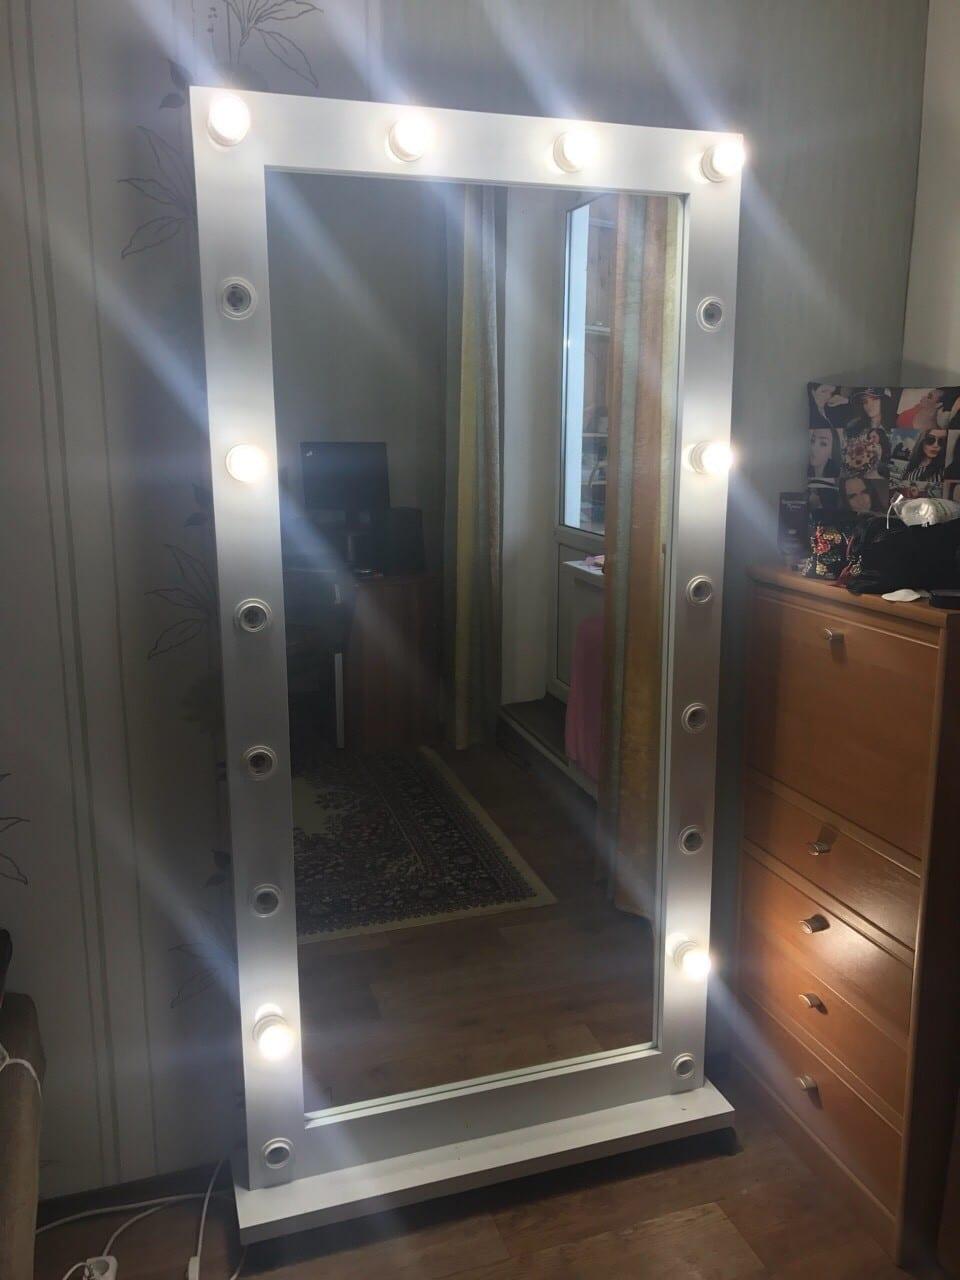 Передвижное зеркало во весь рост для прихожей, коридора квартиры, гостиной. Цвет белый.